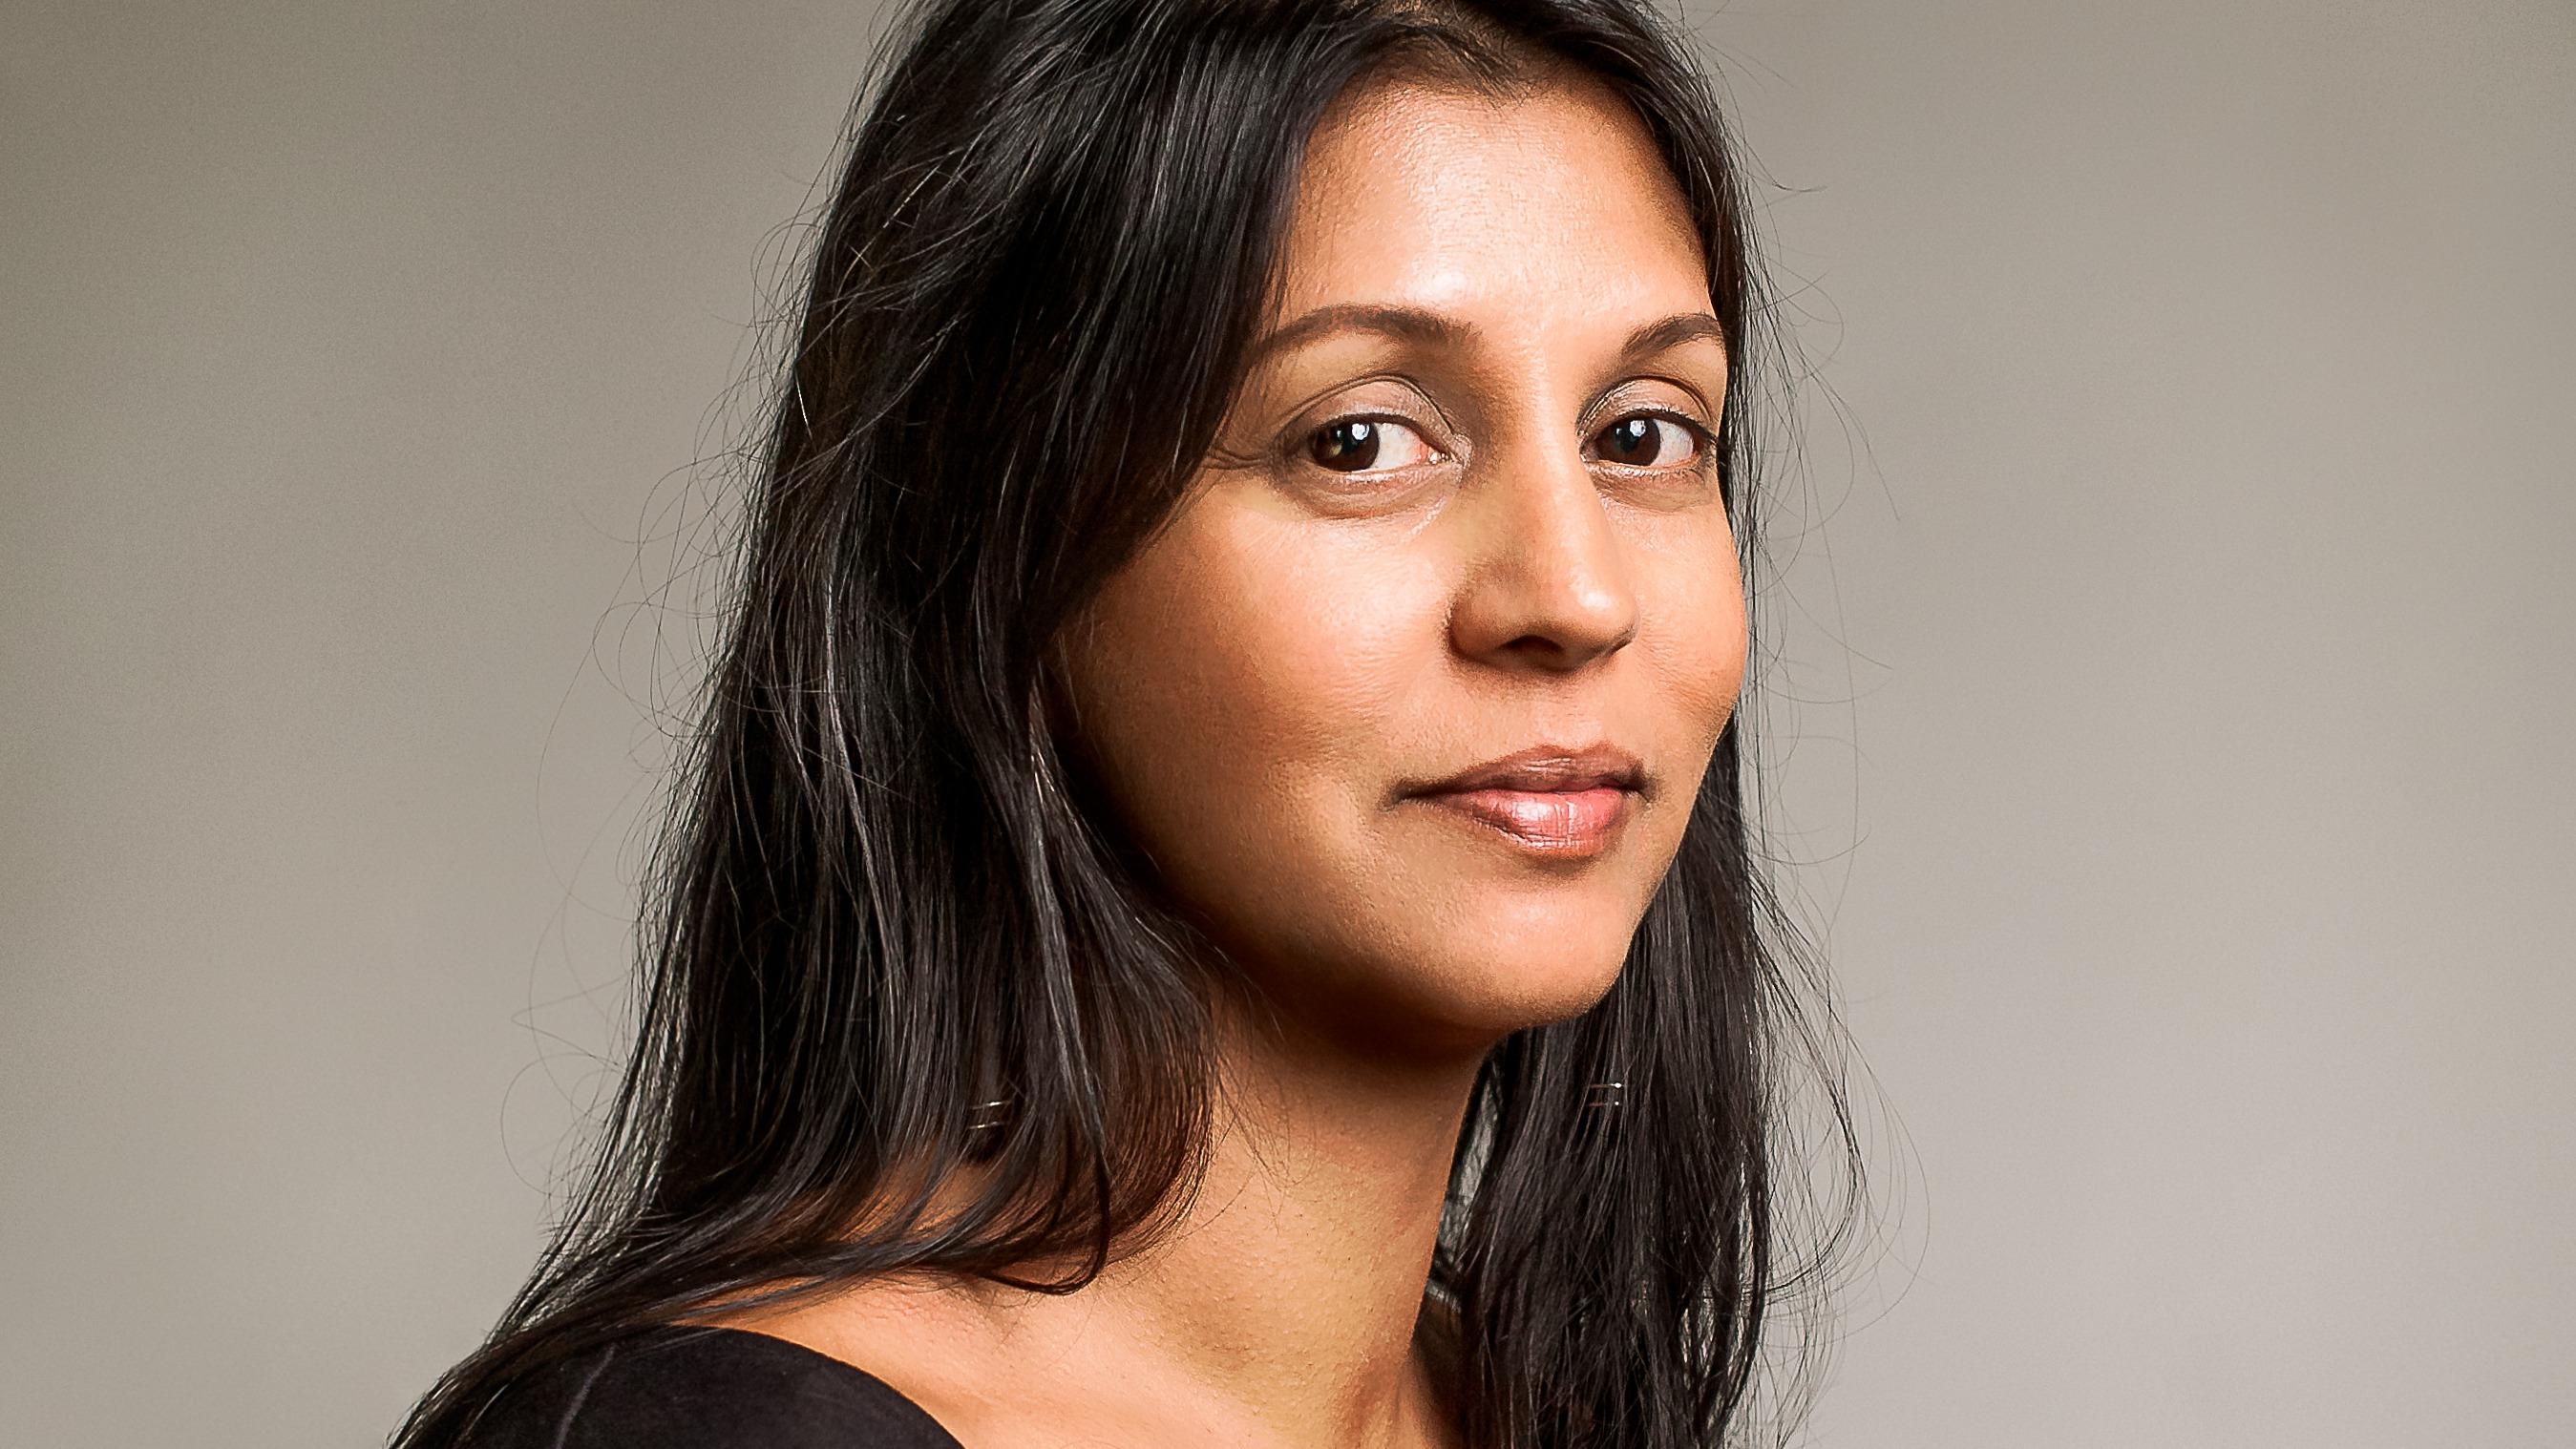 Sonia Shah headshot.jpg